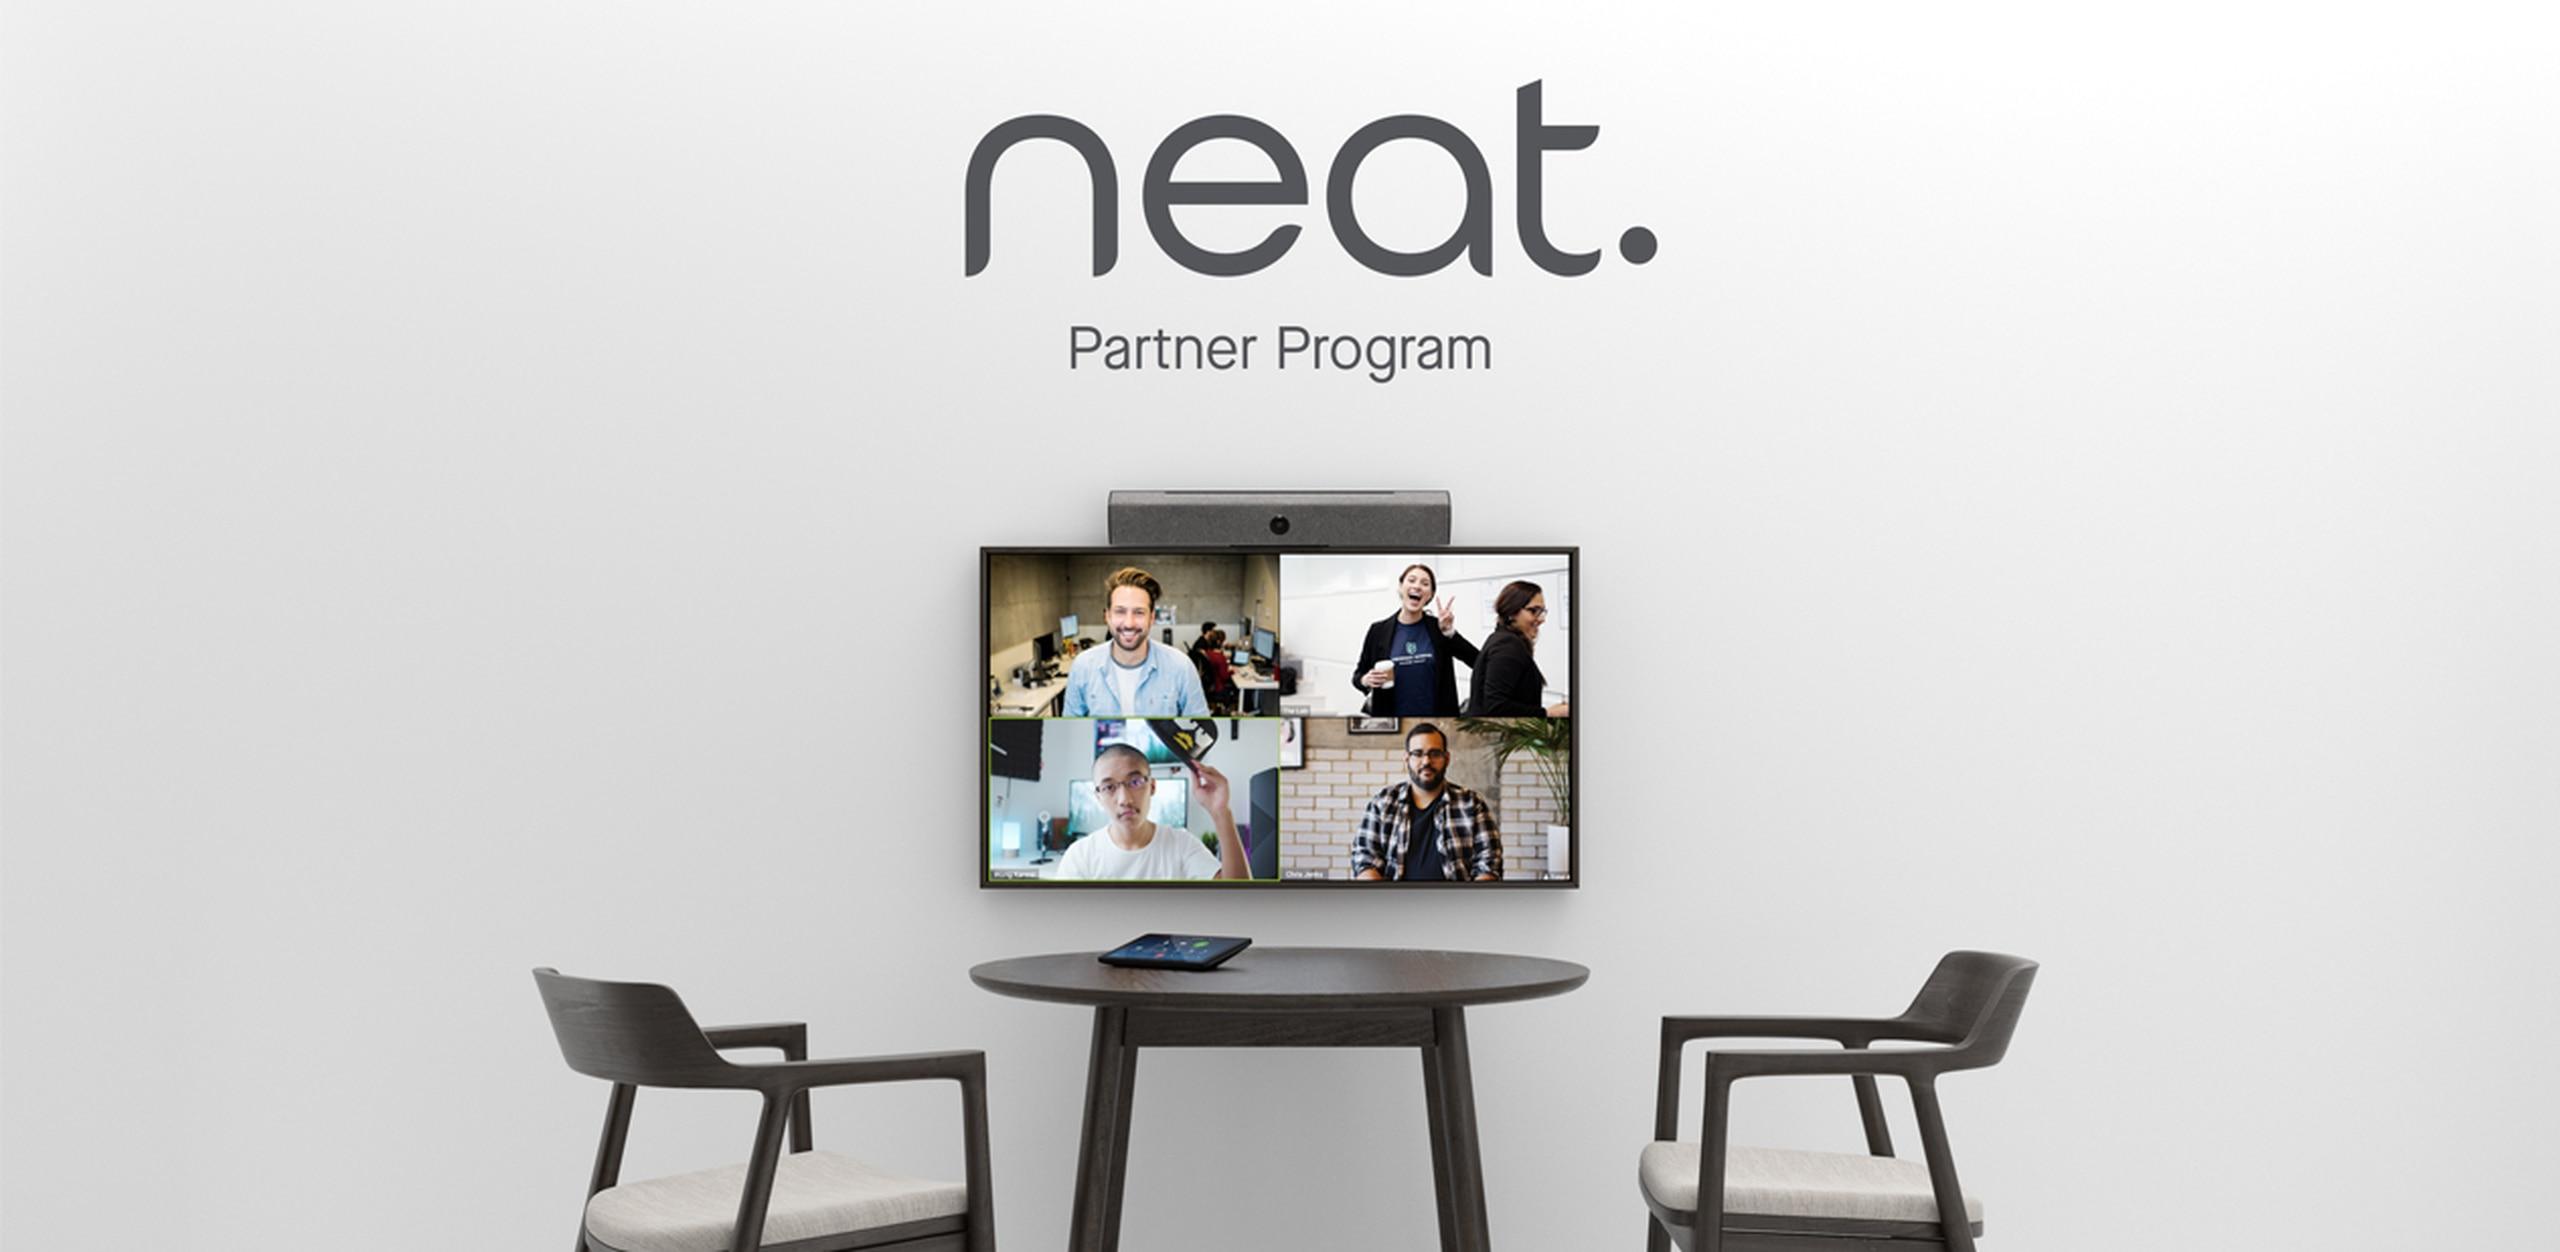 Neat Debuts Global Channel Partner Program